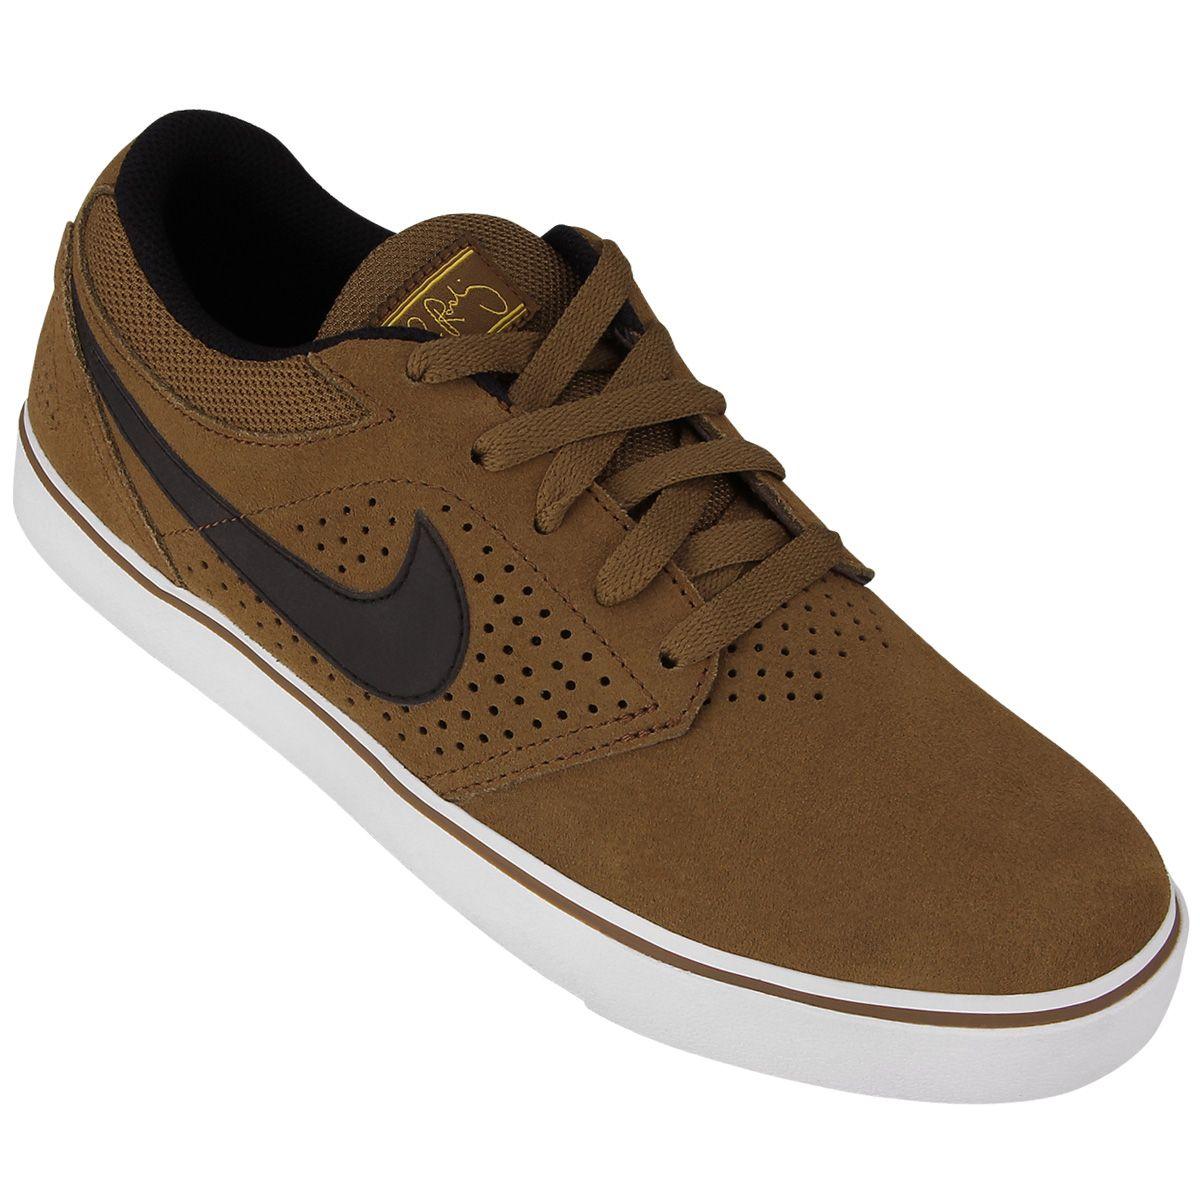 Nike Paul Rodriguez 5 LR  c0a367fba967f